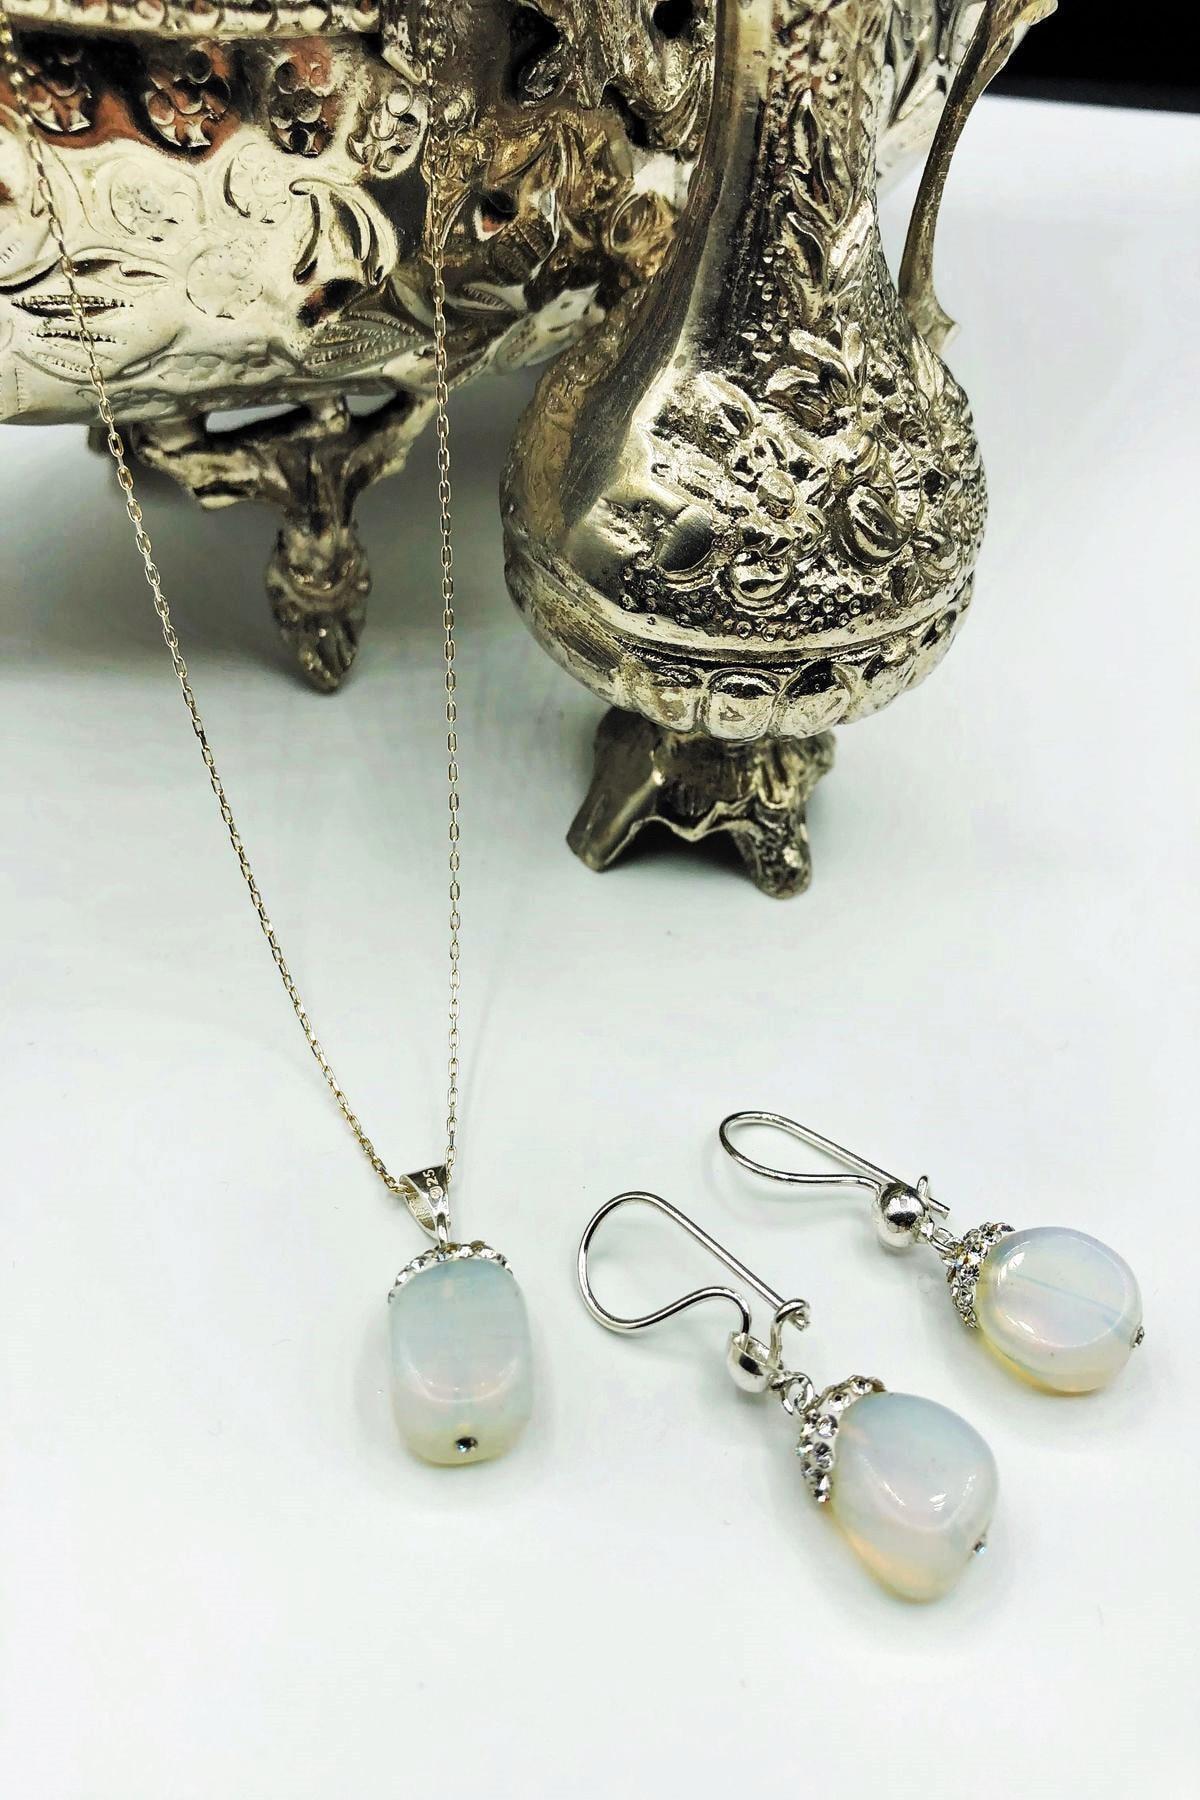 Dr. Stone Dr Stone Harem Koleksiyonu Aytaşı El Yapımı 925 Ayar Gümüş Set Gdr15 1